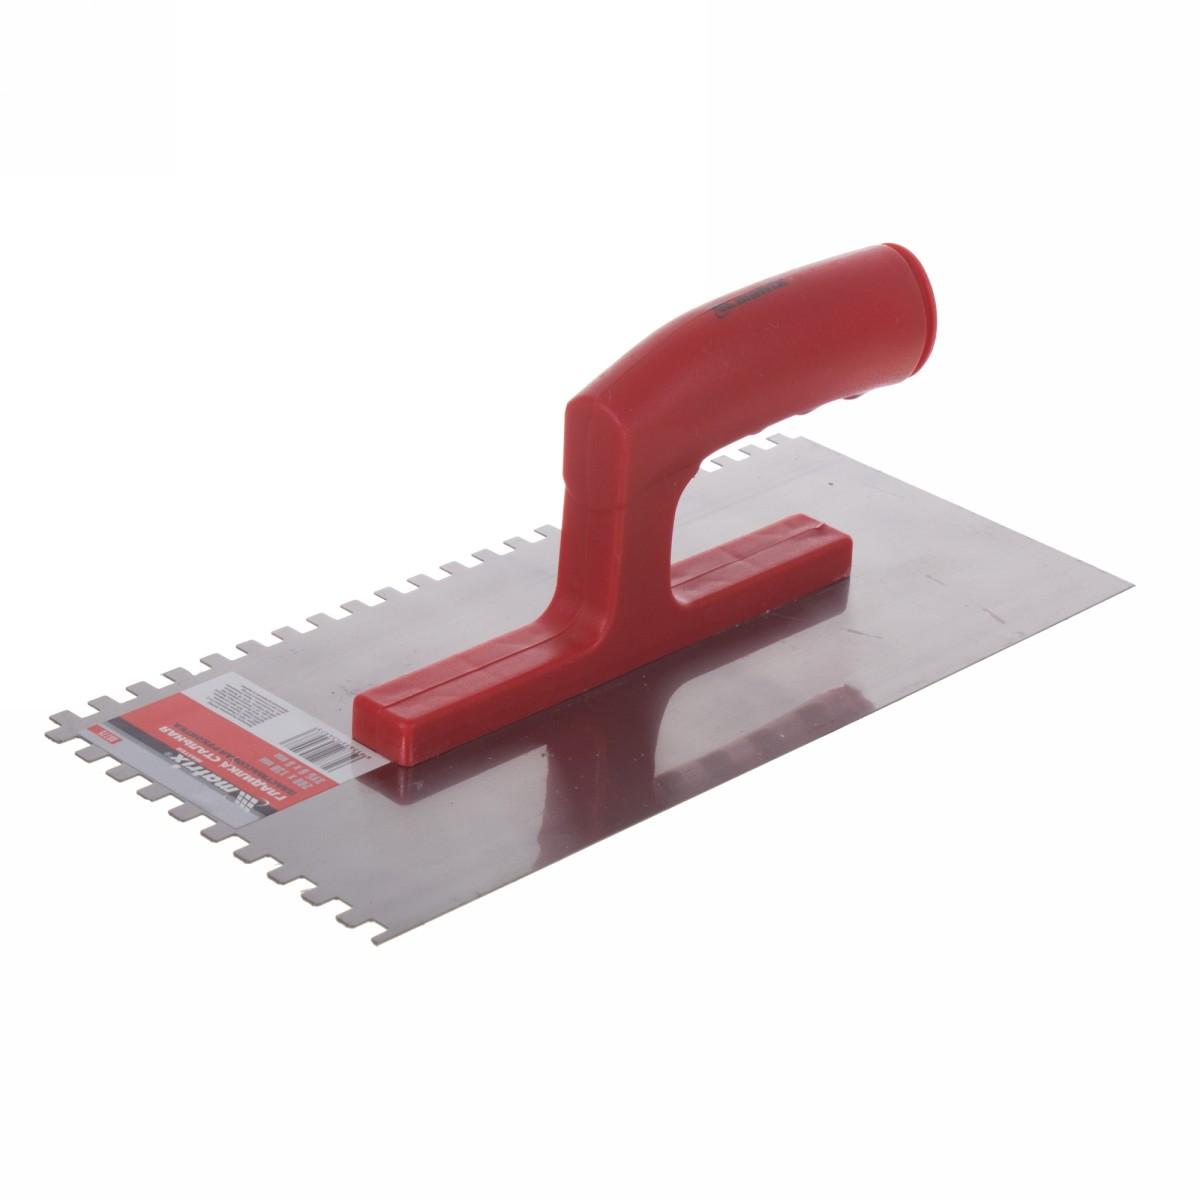 Кельма зубчатая нержавеющая сталь зуб 6х6 мм 130 мм